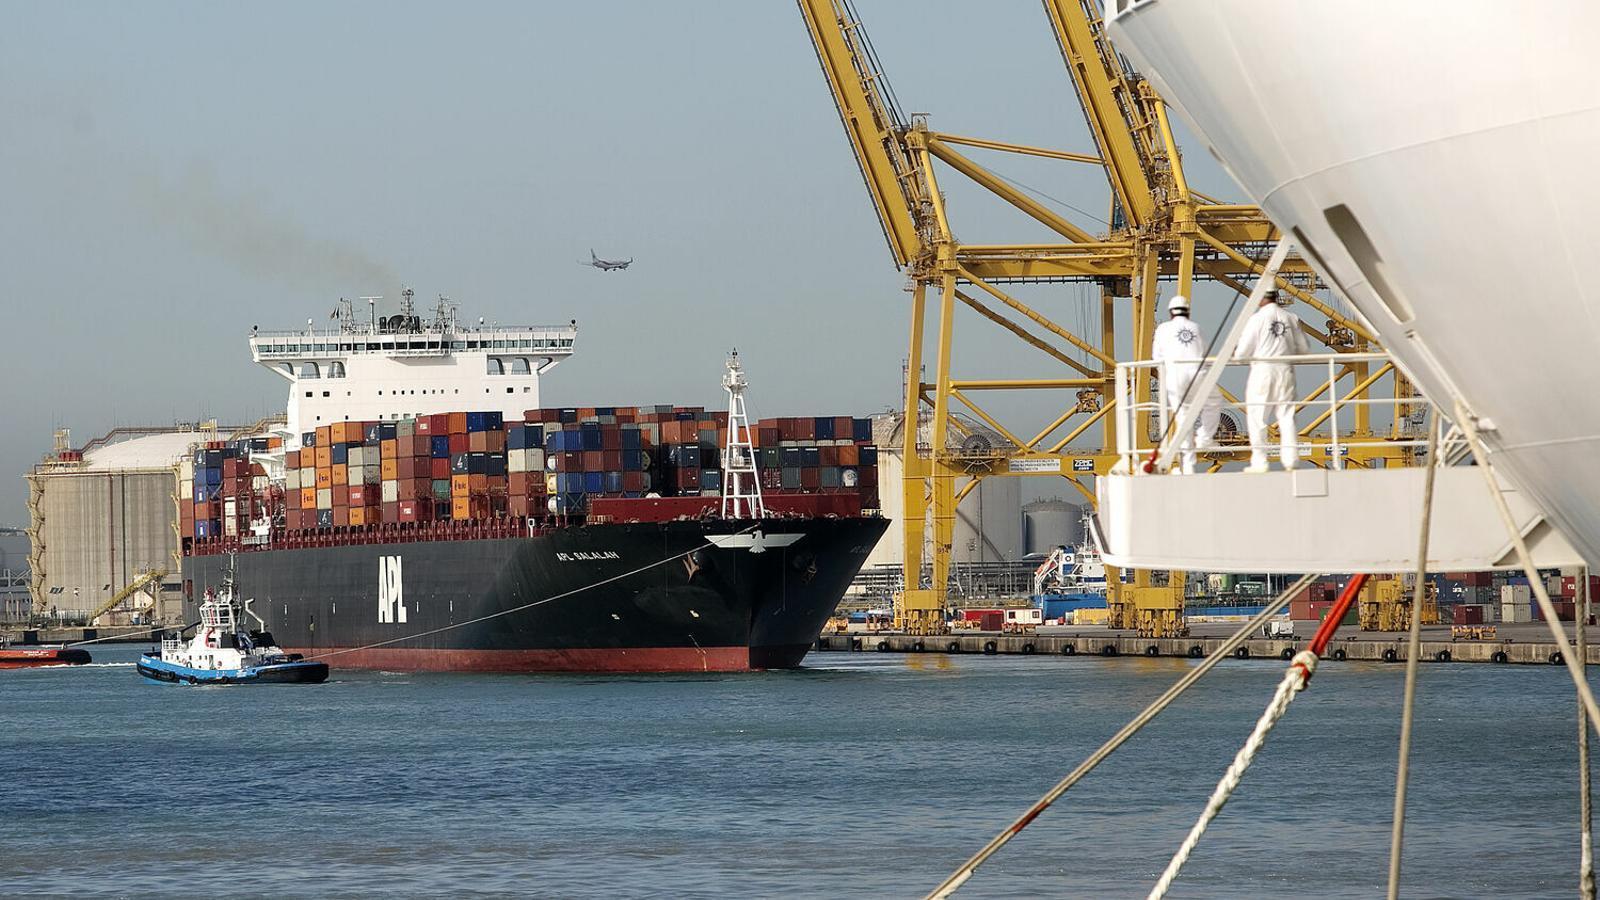 Les exportacions catalanes esquiven la desacceleració econòmica: creixen un 3,1% el 2019 i baten un nou rècord